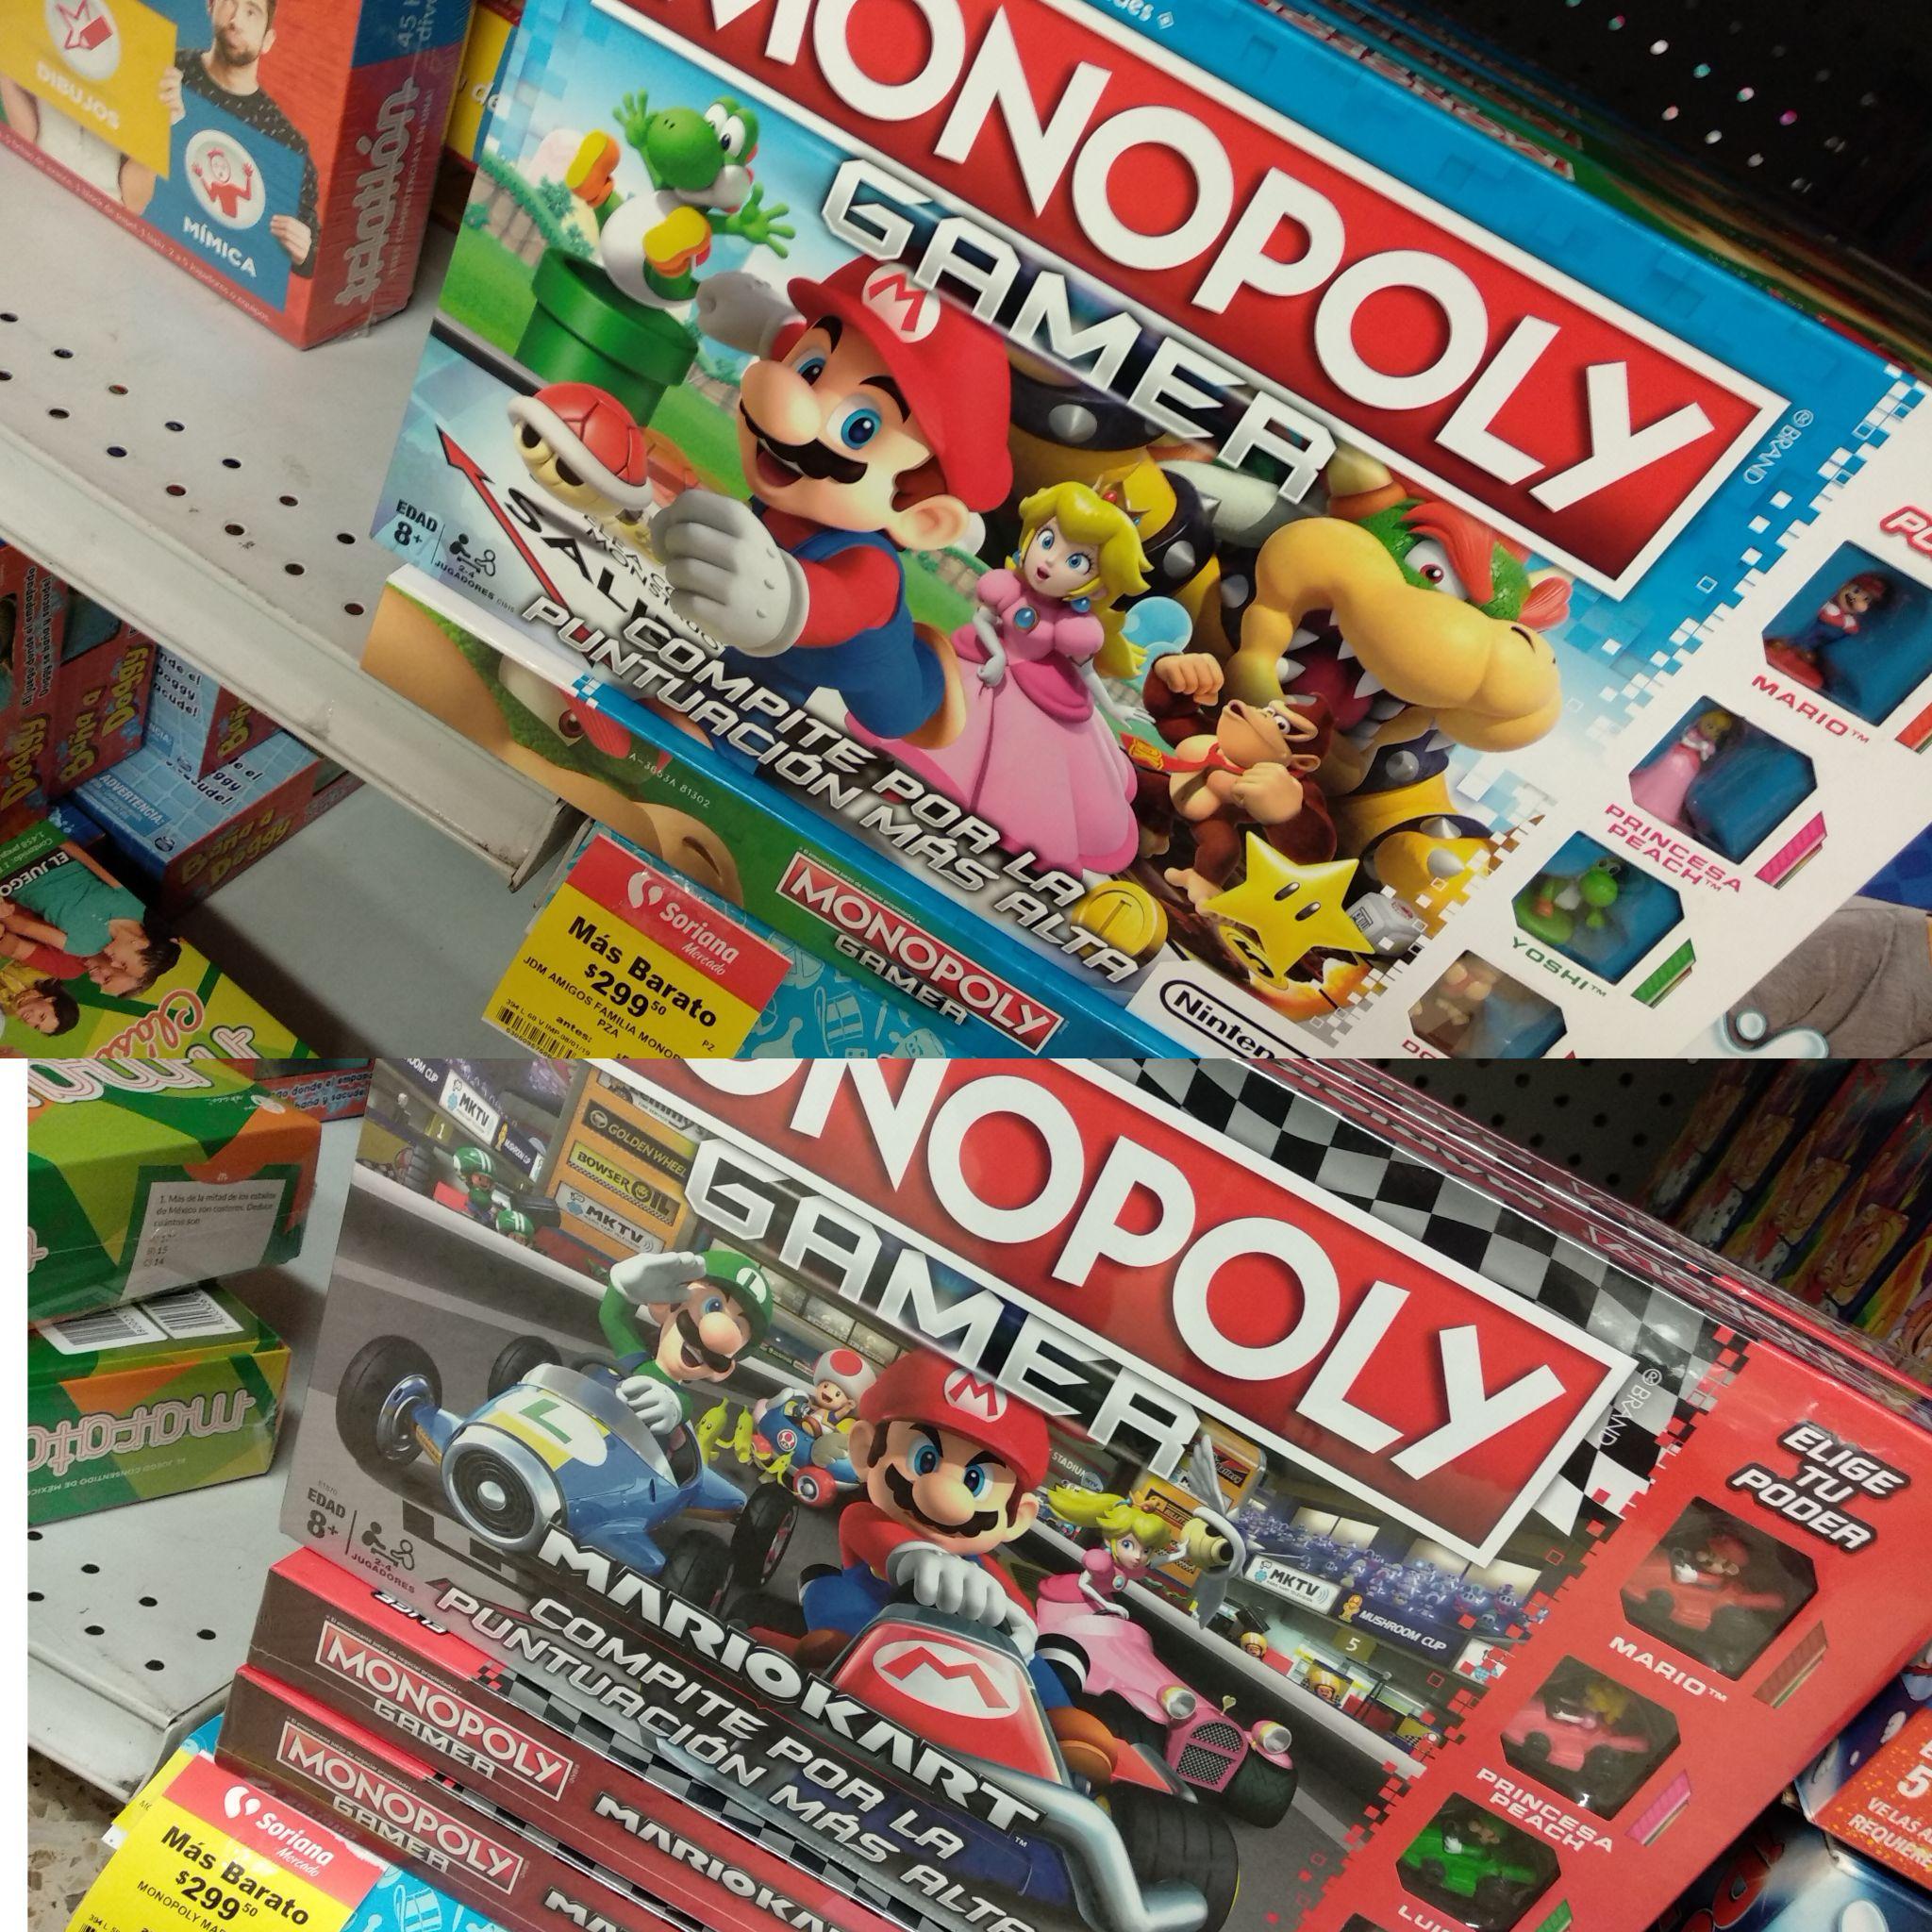 Soriana Mercado: Monopoly Gamer Mario con 50% de descuento y mas